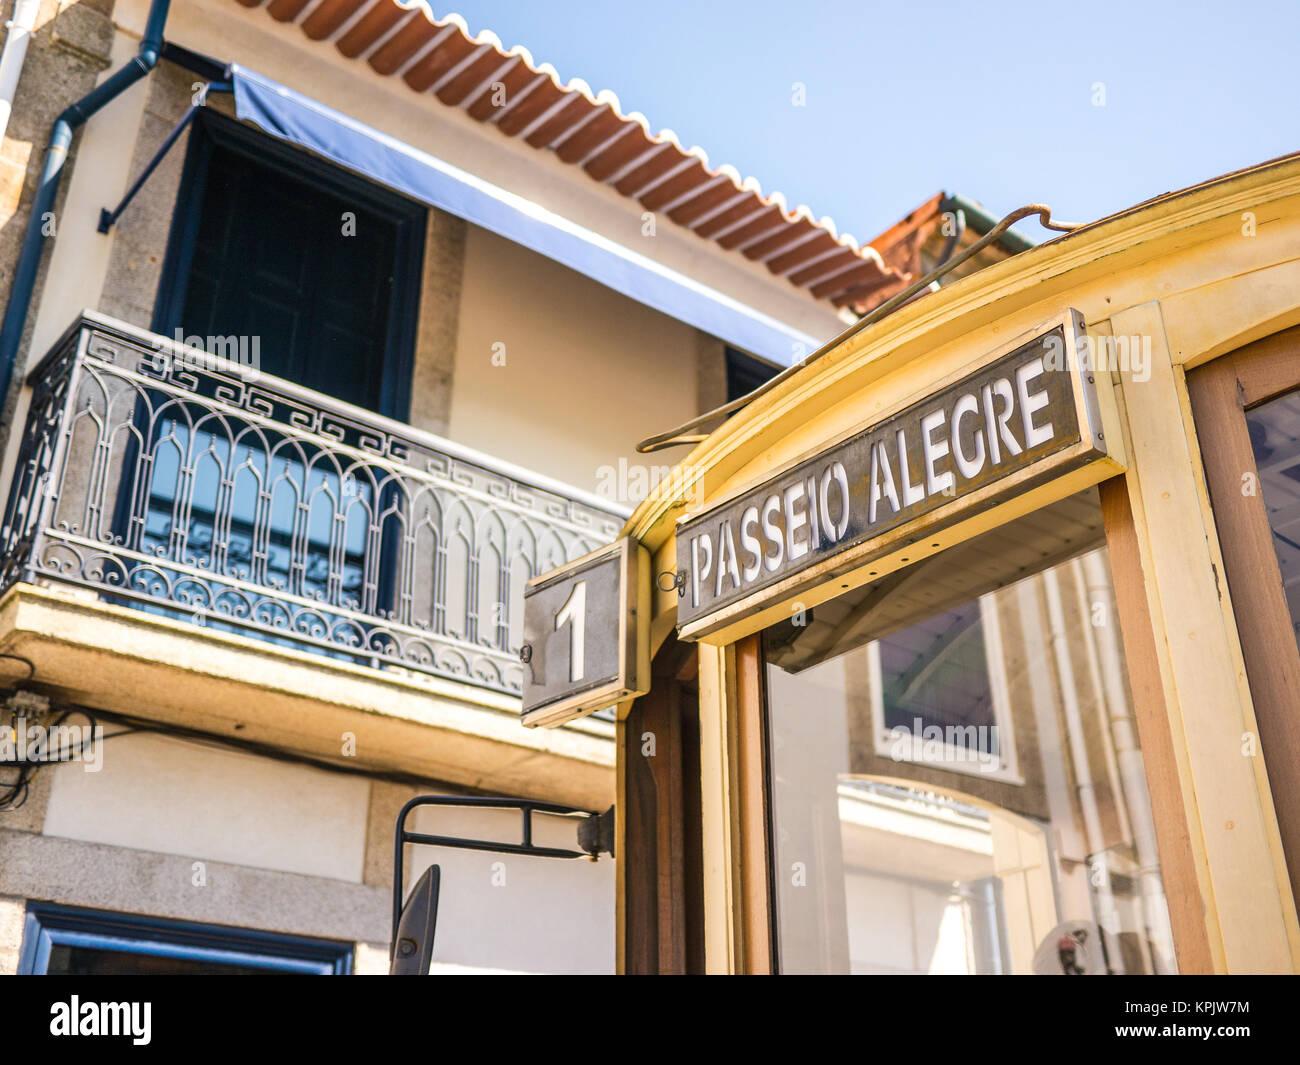 Passeio Alegre tram route in Porto - Stock Image